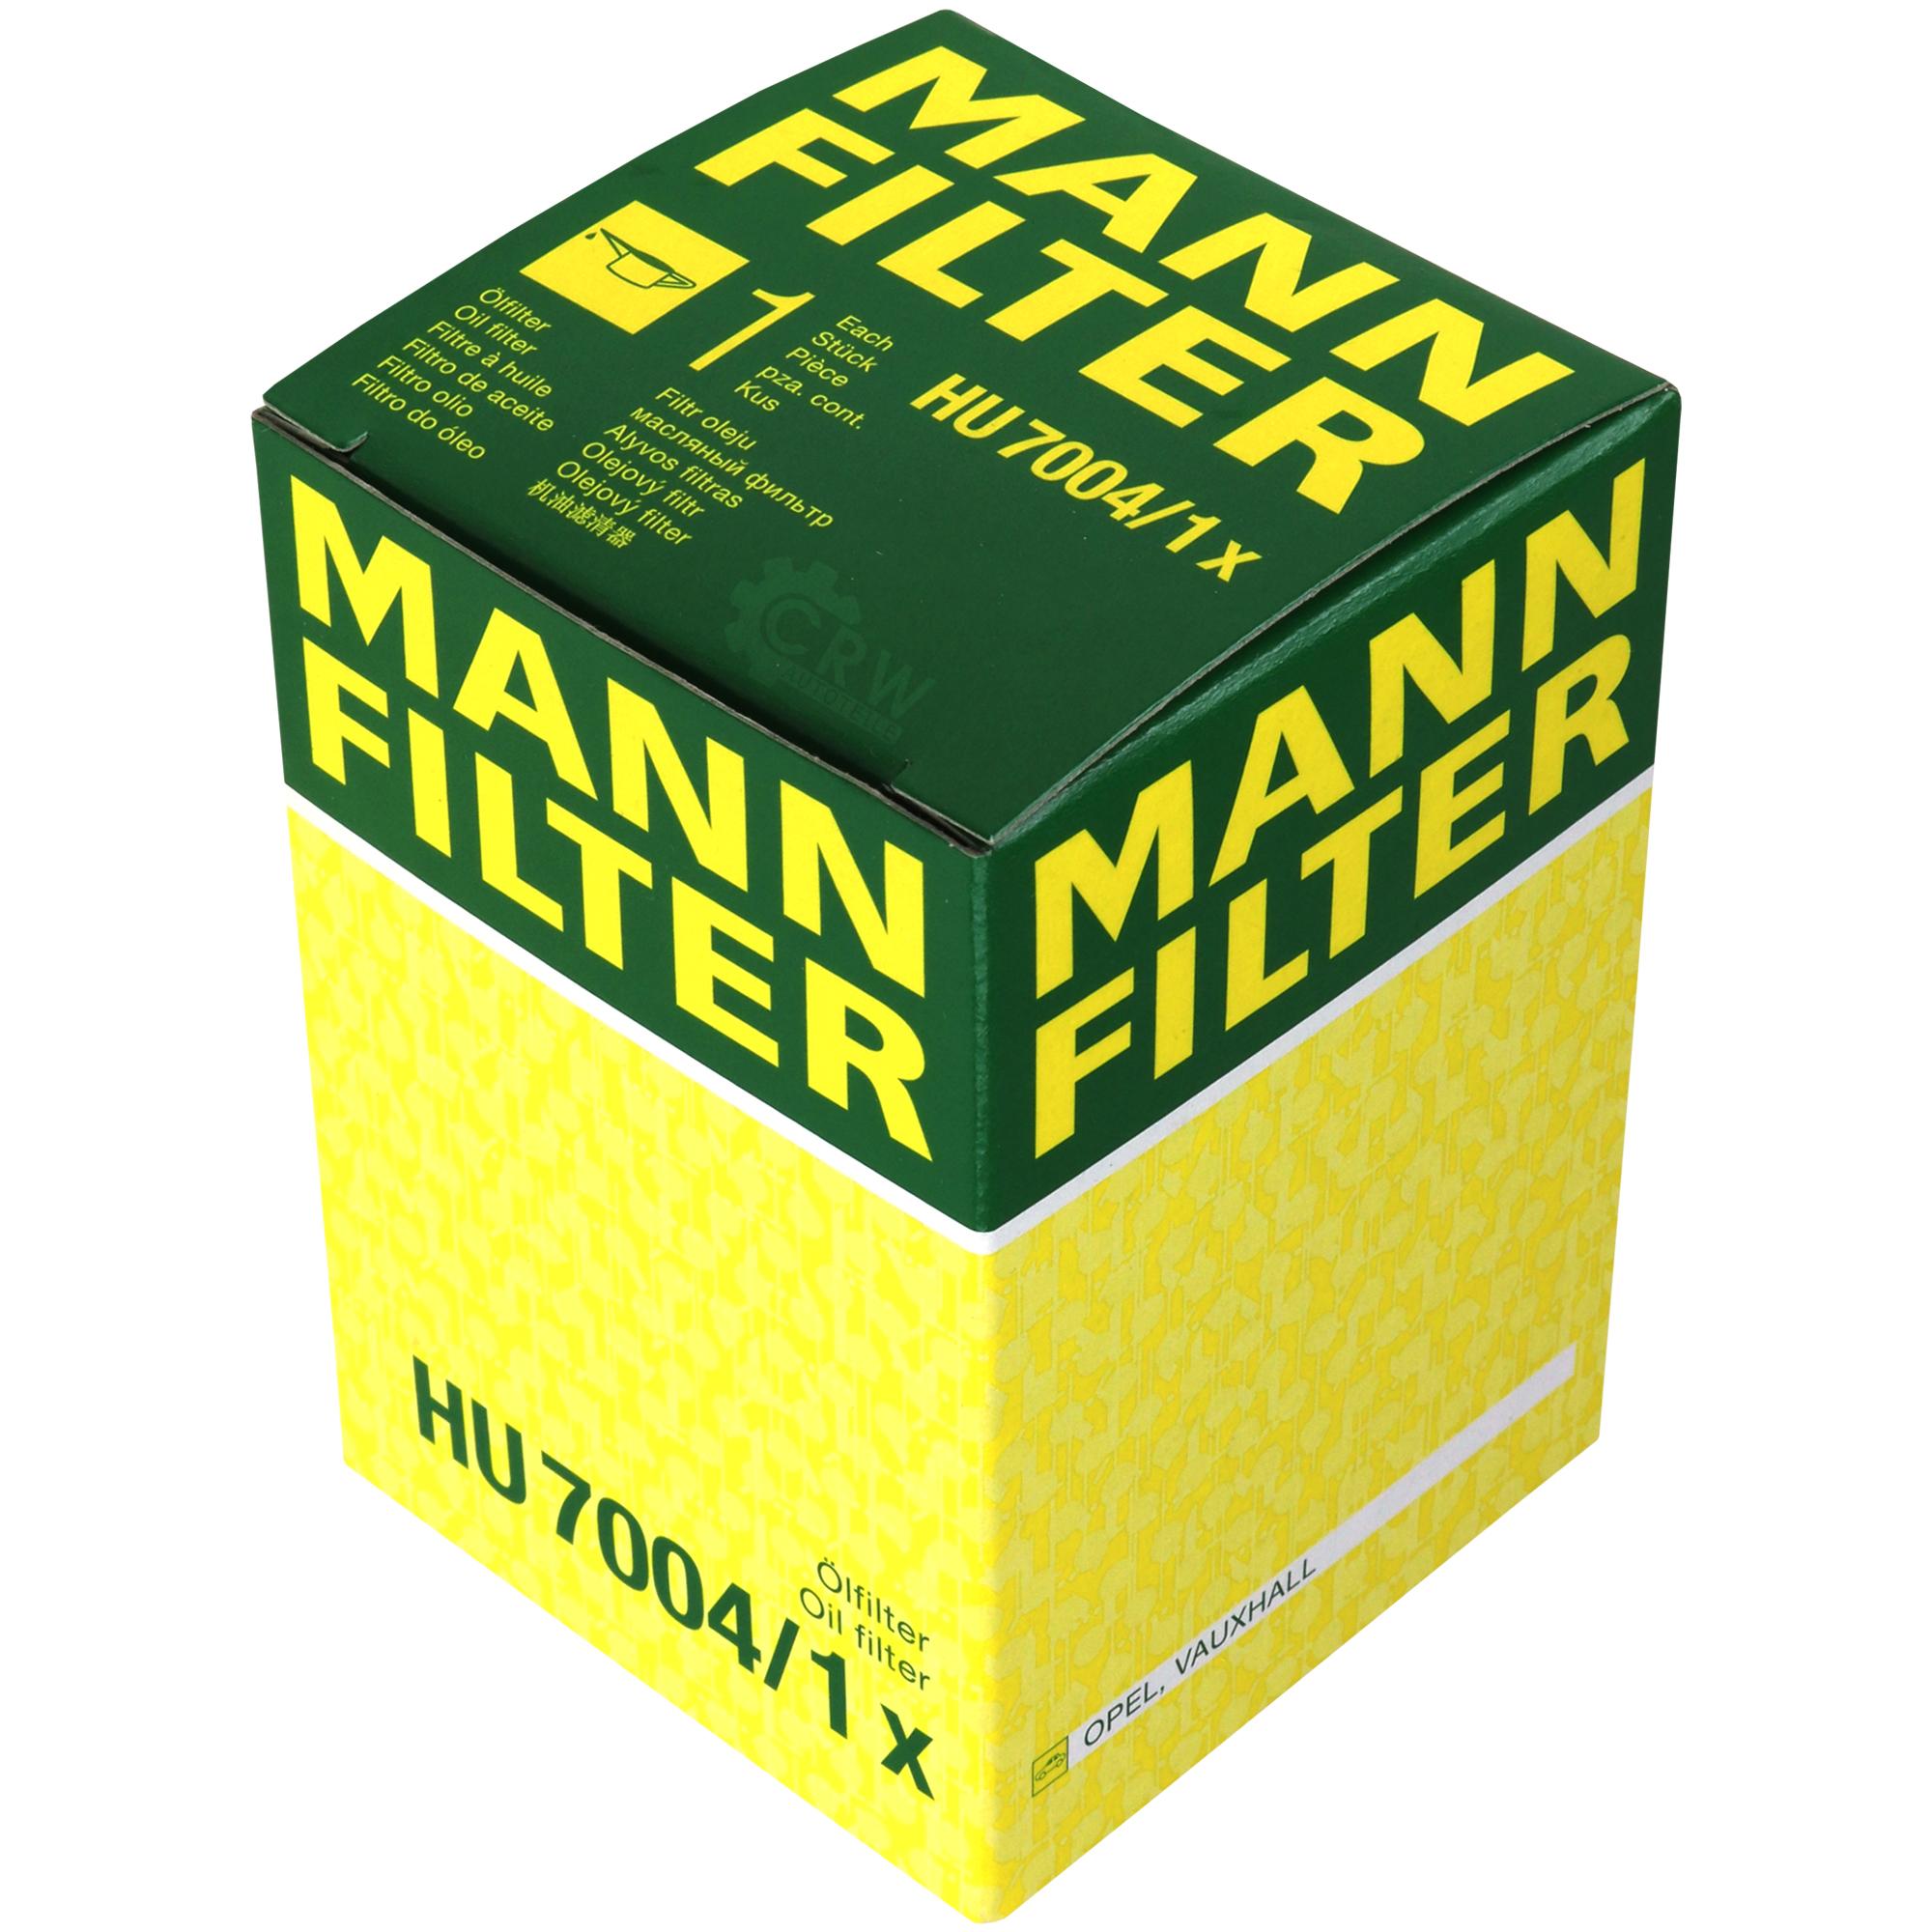 MANNOL-5L-Energy-Premium-5W-30-MANN-FILTER-Filterpaket-Opel-Astra-J-W13-2-0-CDTi Indexbild 8